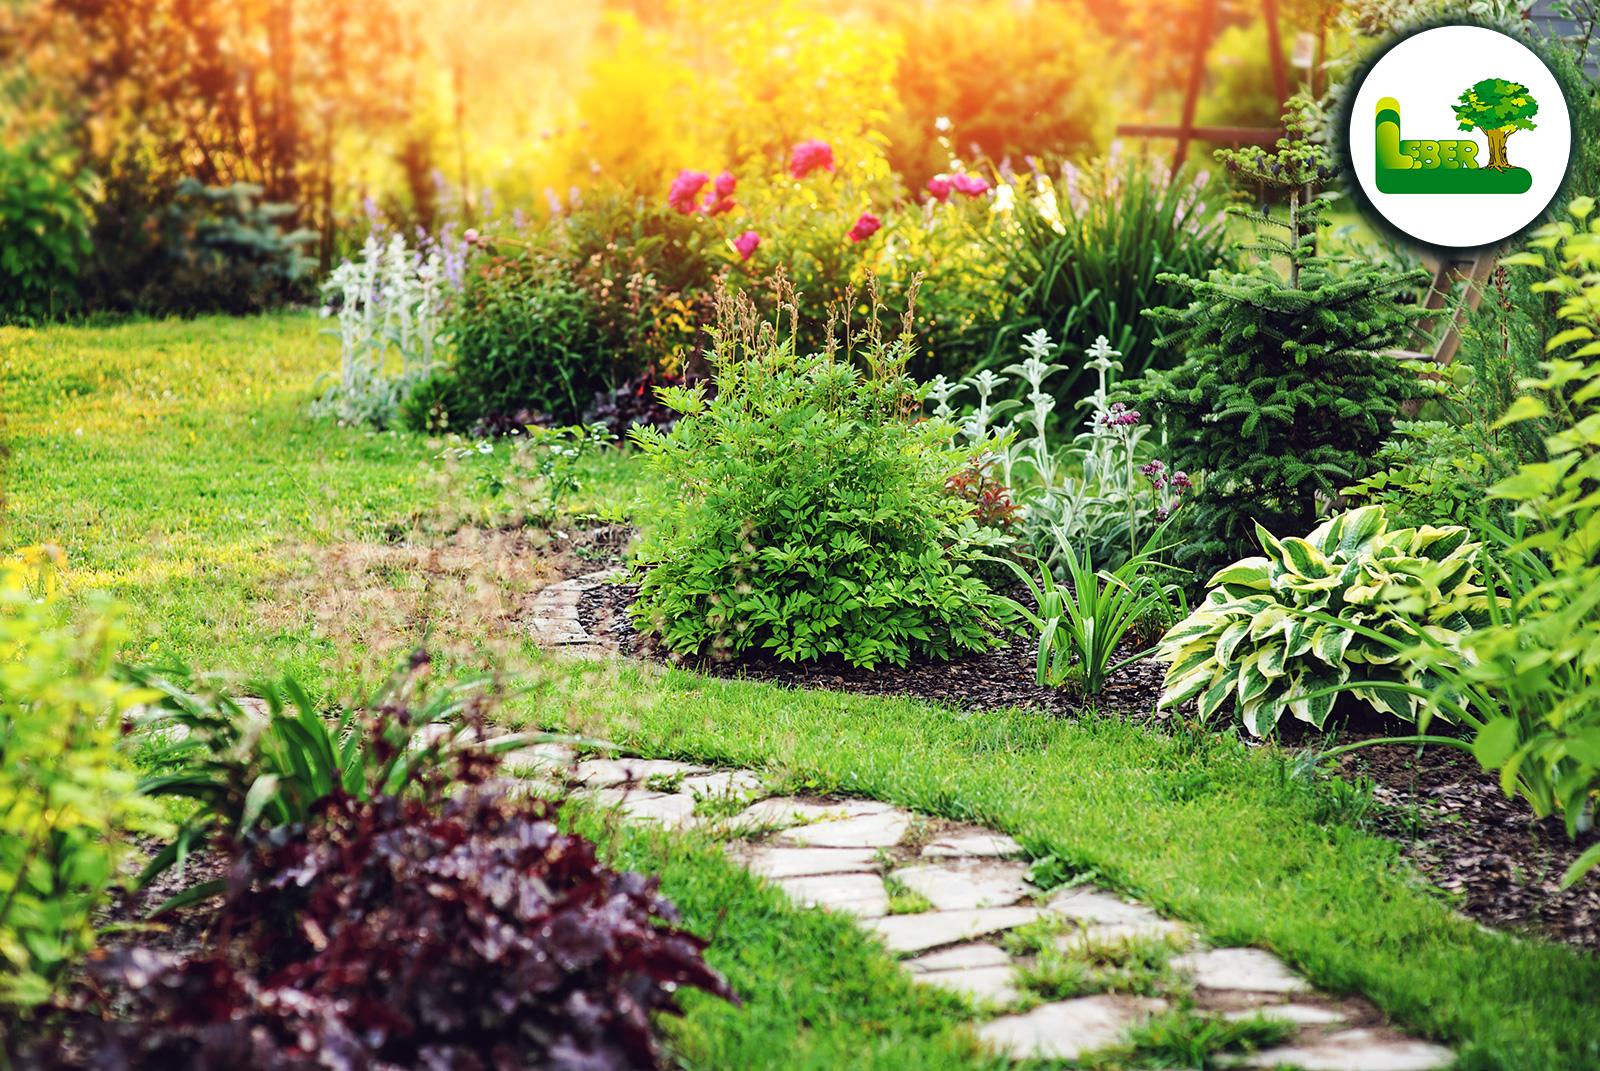 Naturnaher Garten - Weg und Gartengestaltung eines Naturgartens